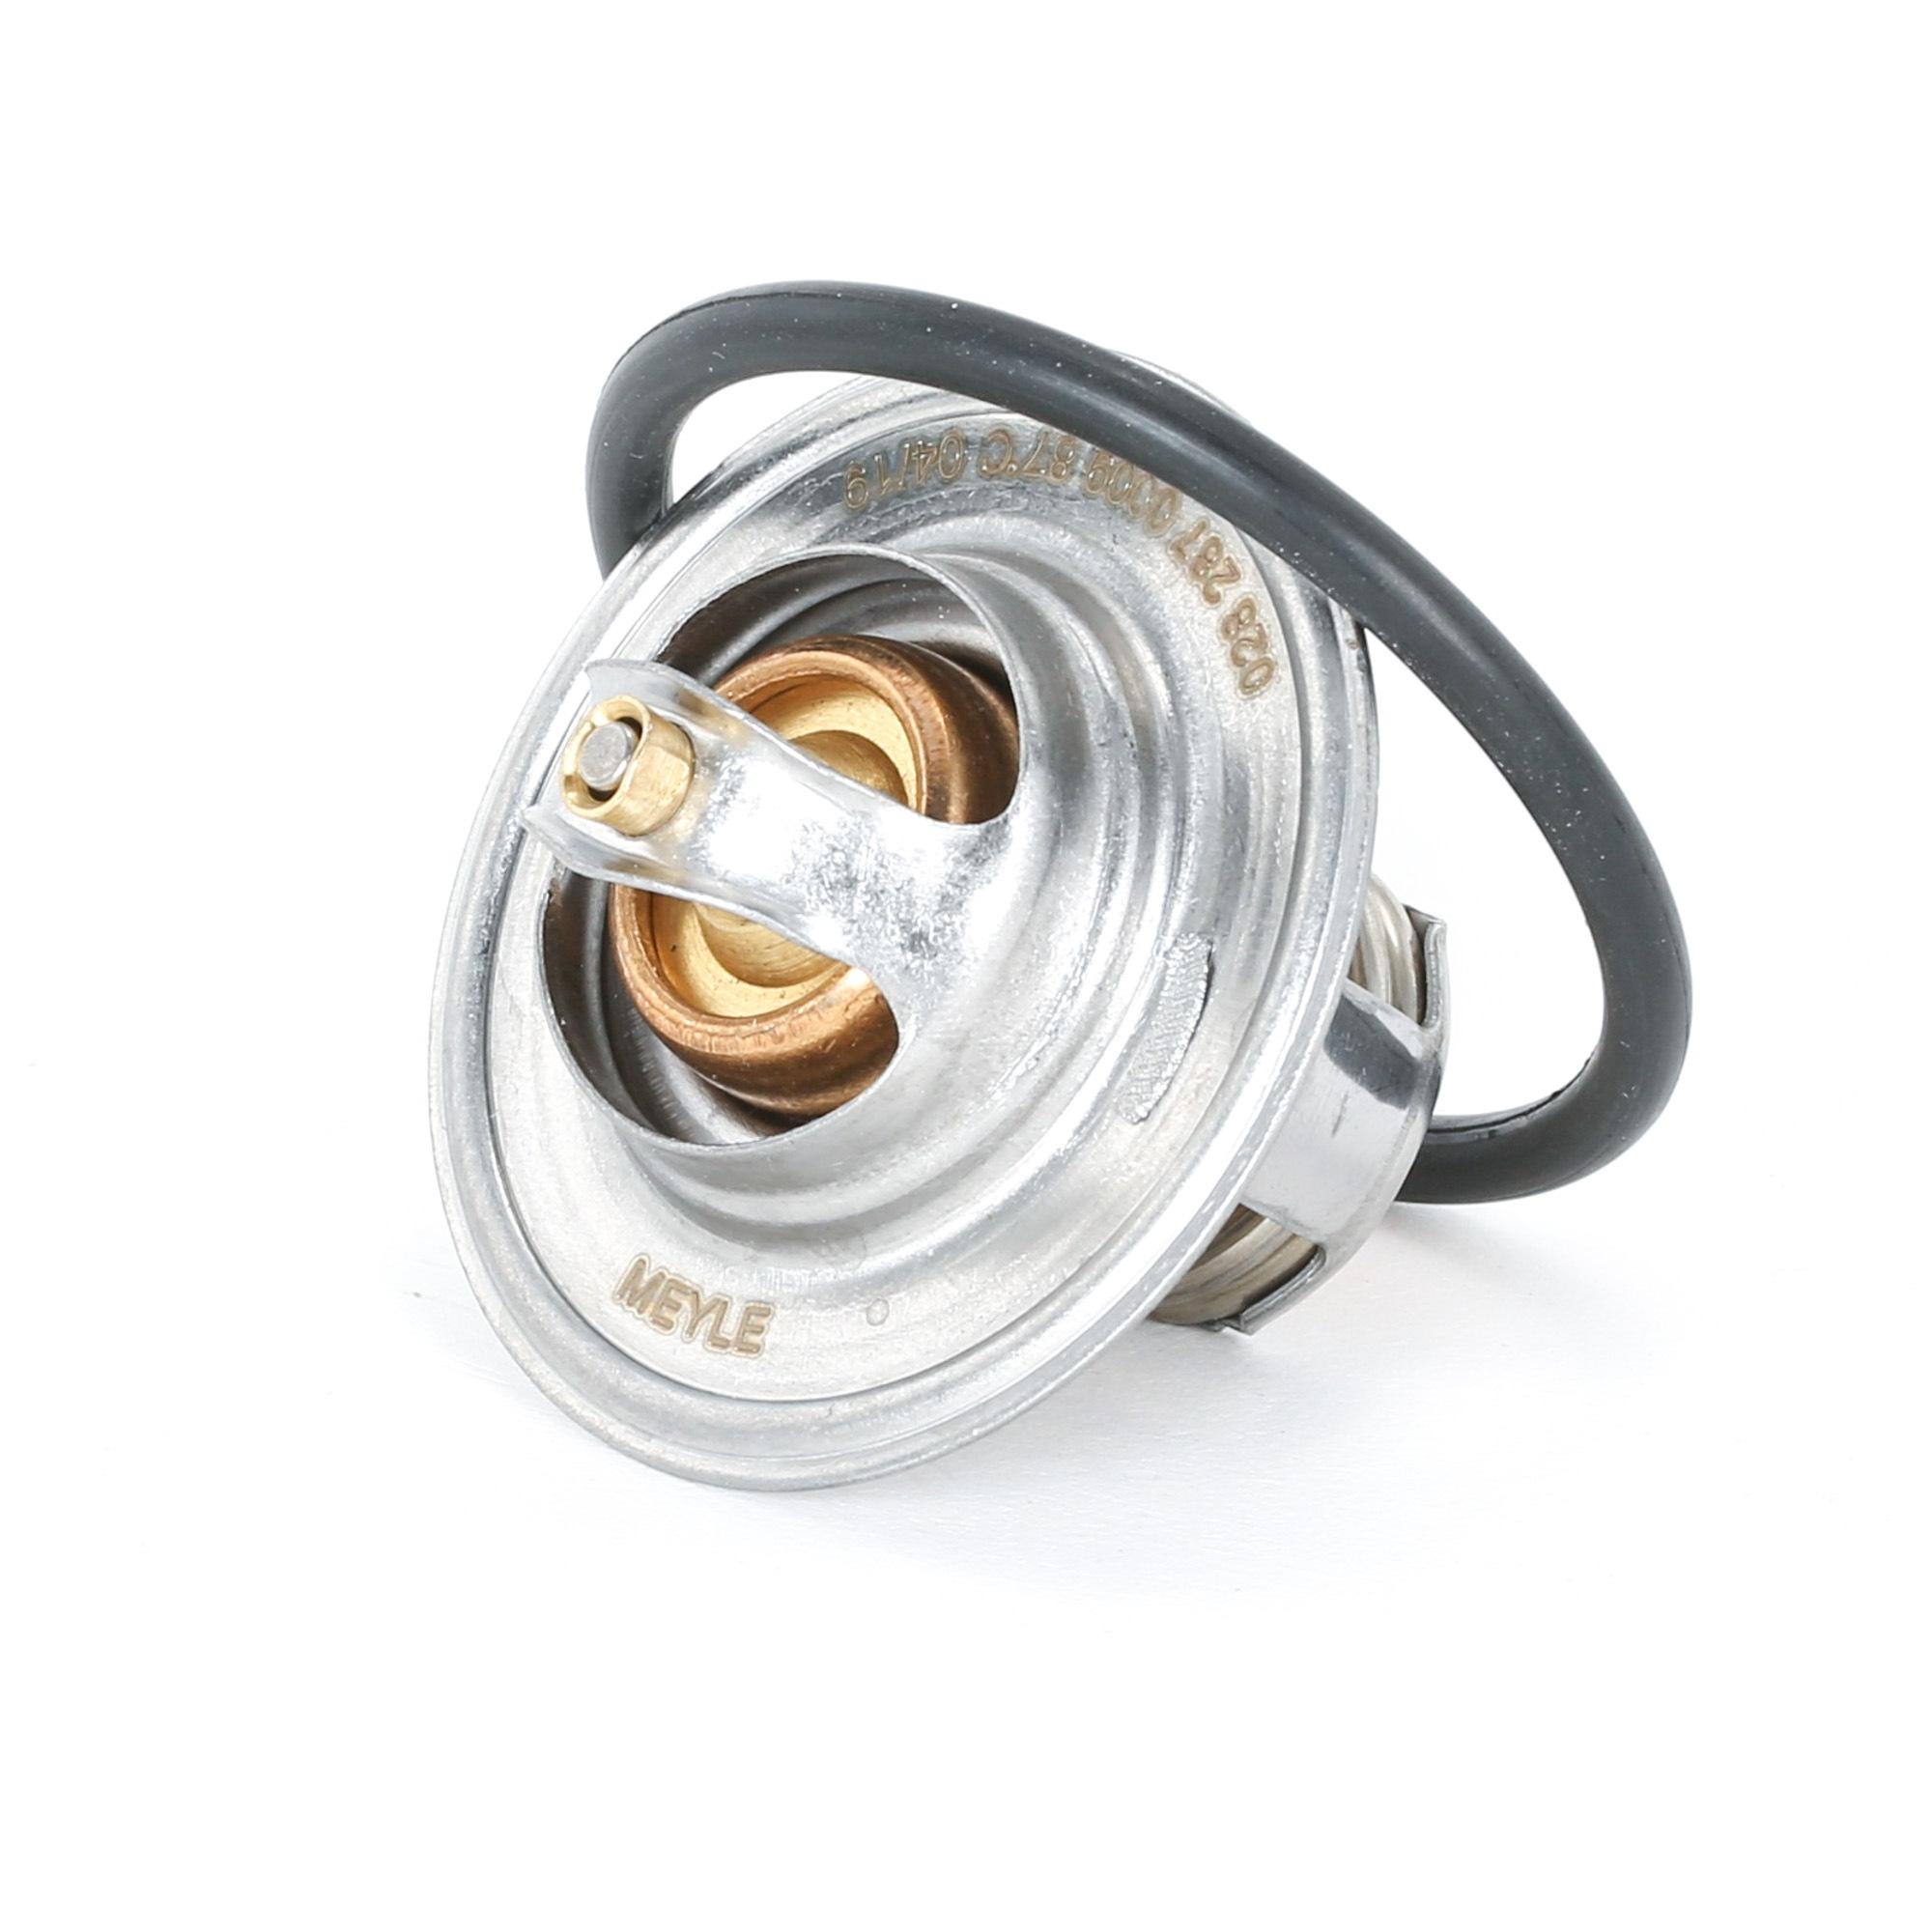 MTH0033 MEYLE Öffnungstemperatur: 87°C, mit Dichtung, ORIGINAL Quality Thermostat, Kühlmittel 028 287 0009 günstig kaufen